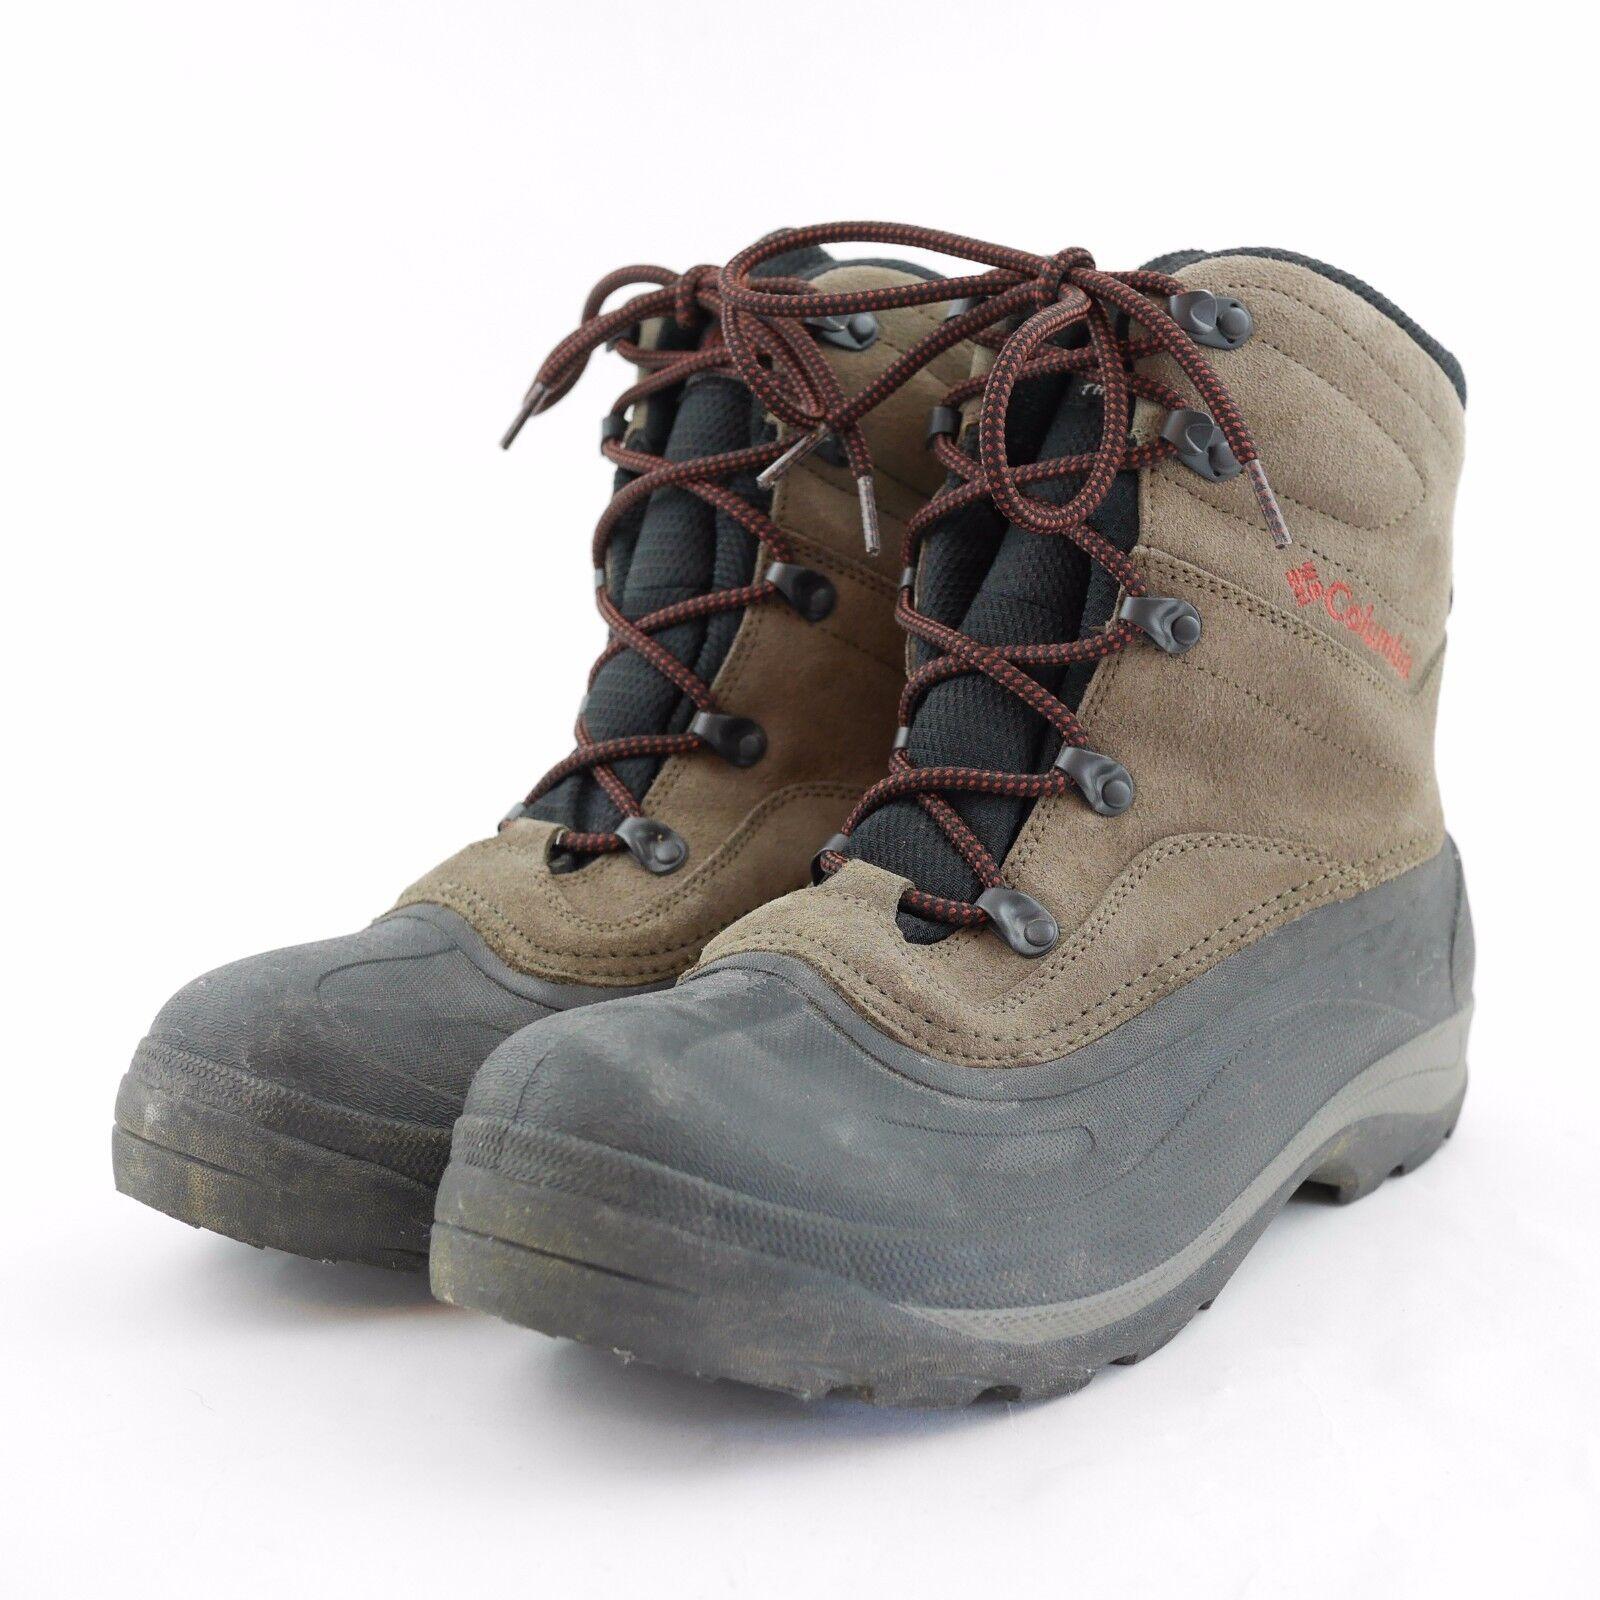 COLUMBIA Acqua resistente alla pelle Rubber Hiking Trail  stivali - Men's 11  punti vendita